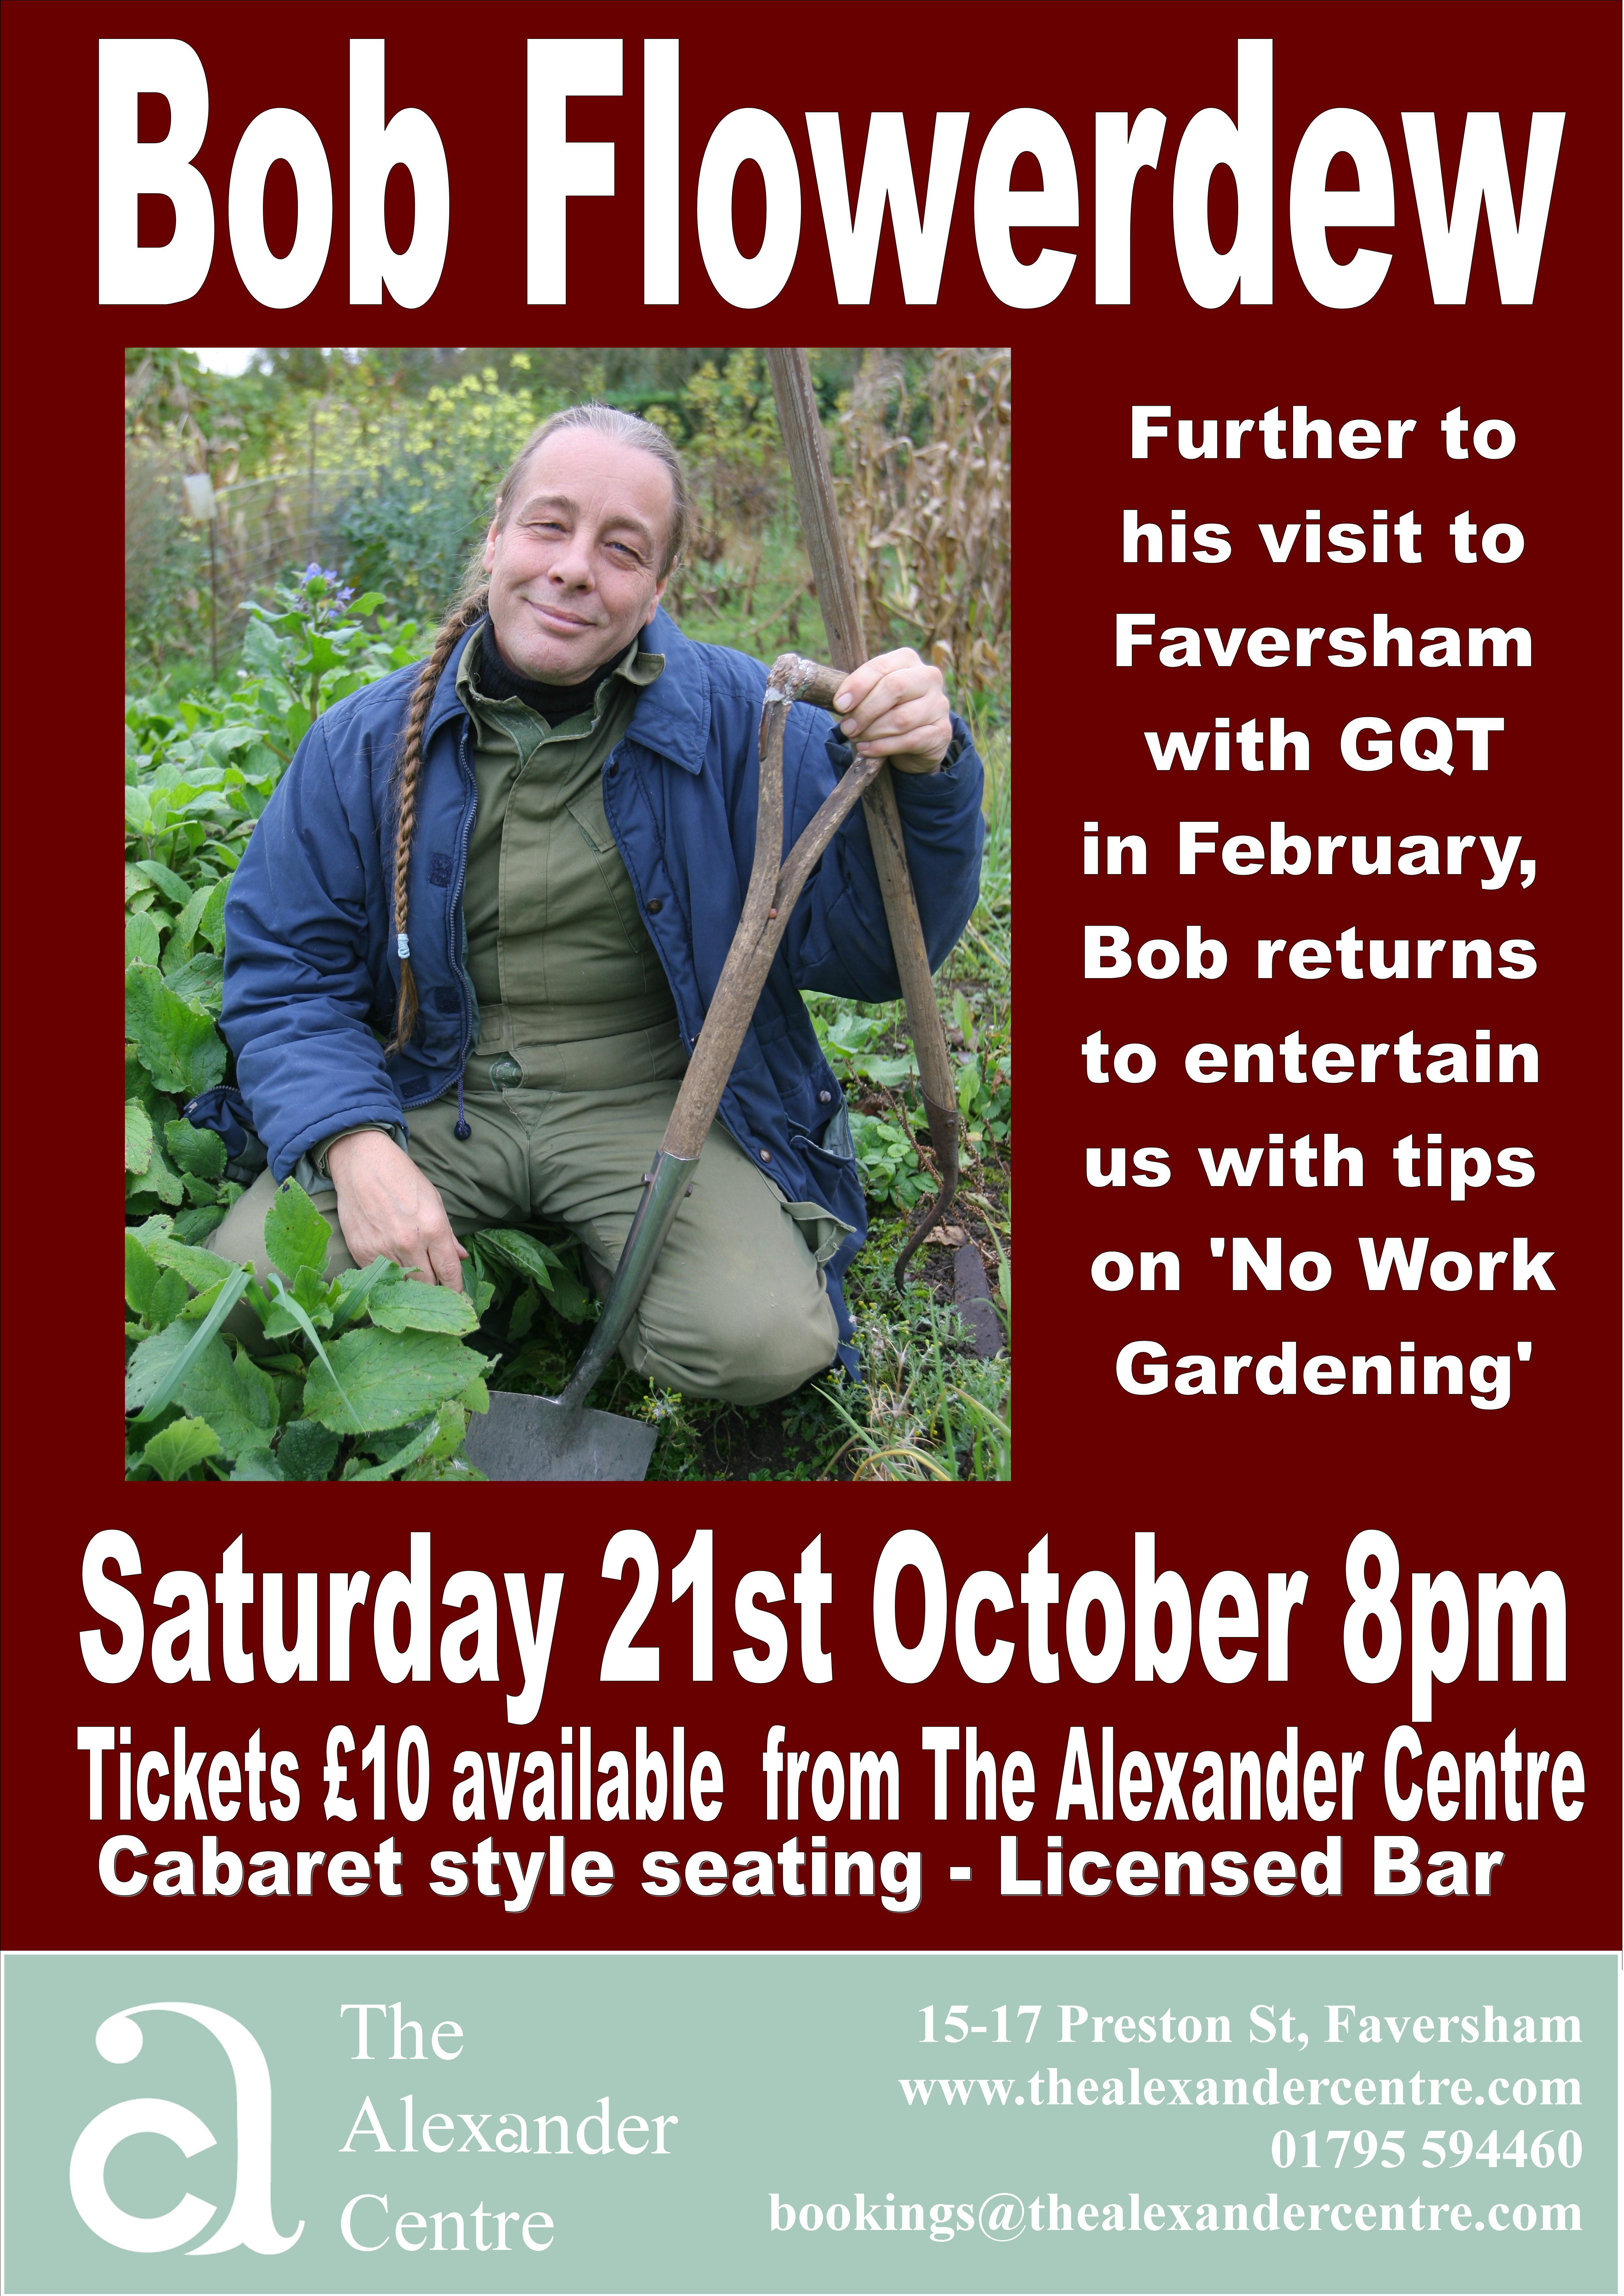 Bob Flowerdew - 'No Work Gardening'